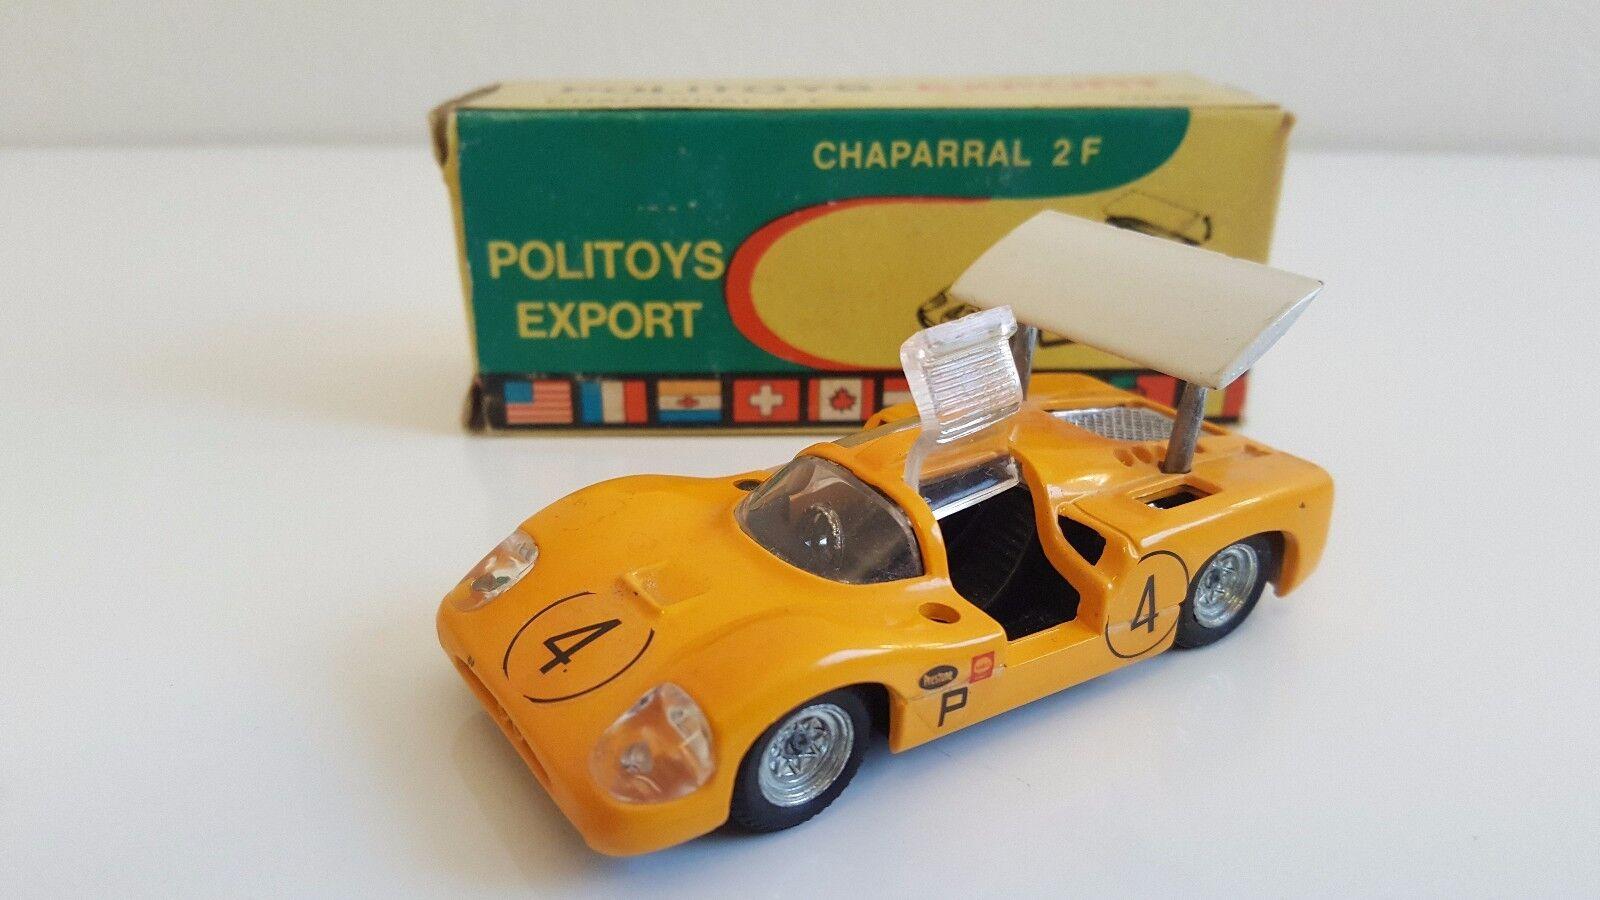 barato y de moda PoliJuguetes Export - Chaparral 2F amarillo en boîte d'origine d'origine d'origine (1 43)  entrega rápida